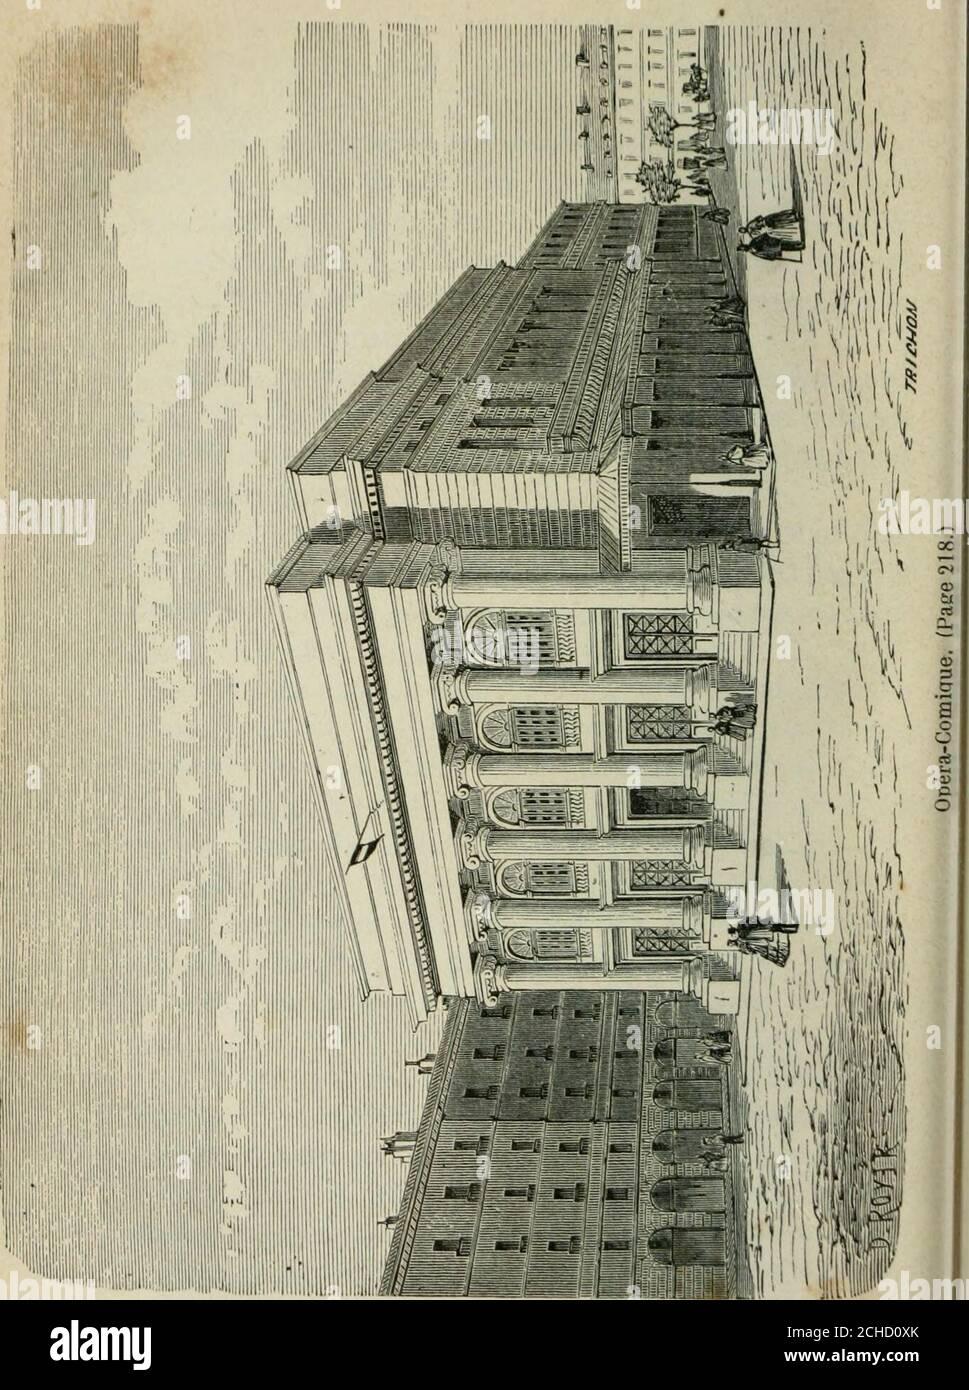 . Les merveilles du nouveau Paris-- . ne-Comédie), vis-à-vis le café Procope. Leur séjour dans ce théâtre, jusquen 1770, fut lépoquela plus brillante de la Comédie-Française. On y vit réunis,au milieu du dix-huitième siècle, Grandval, le Kain, Belle-cour, Préville, Mole, Monval, les Dugazon, les Duménil, lesClairon, les Contât et tant dautotres. La salle étant devenueinsuffisante par laffluence des specteurs français et étran-gers, on en construcuisit une spéciale sur lemplacementactuel de lOdéon, et la Comédie-Française sy installaen 1782, après avoir joué douze colgante ans aux Tui-lleries. La l Foto de stock